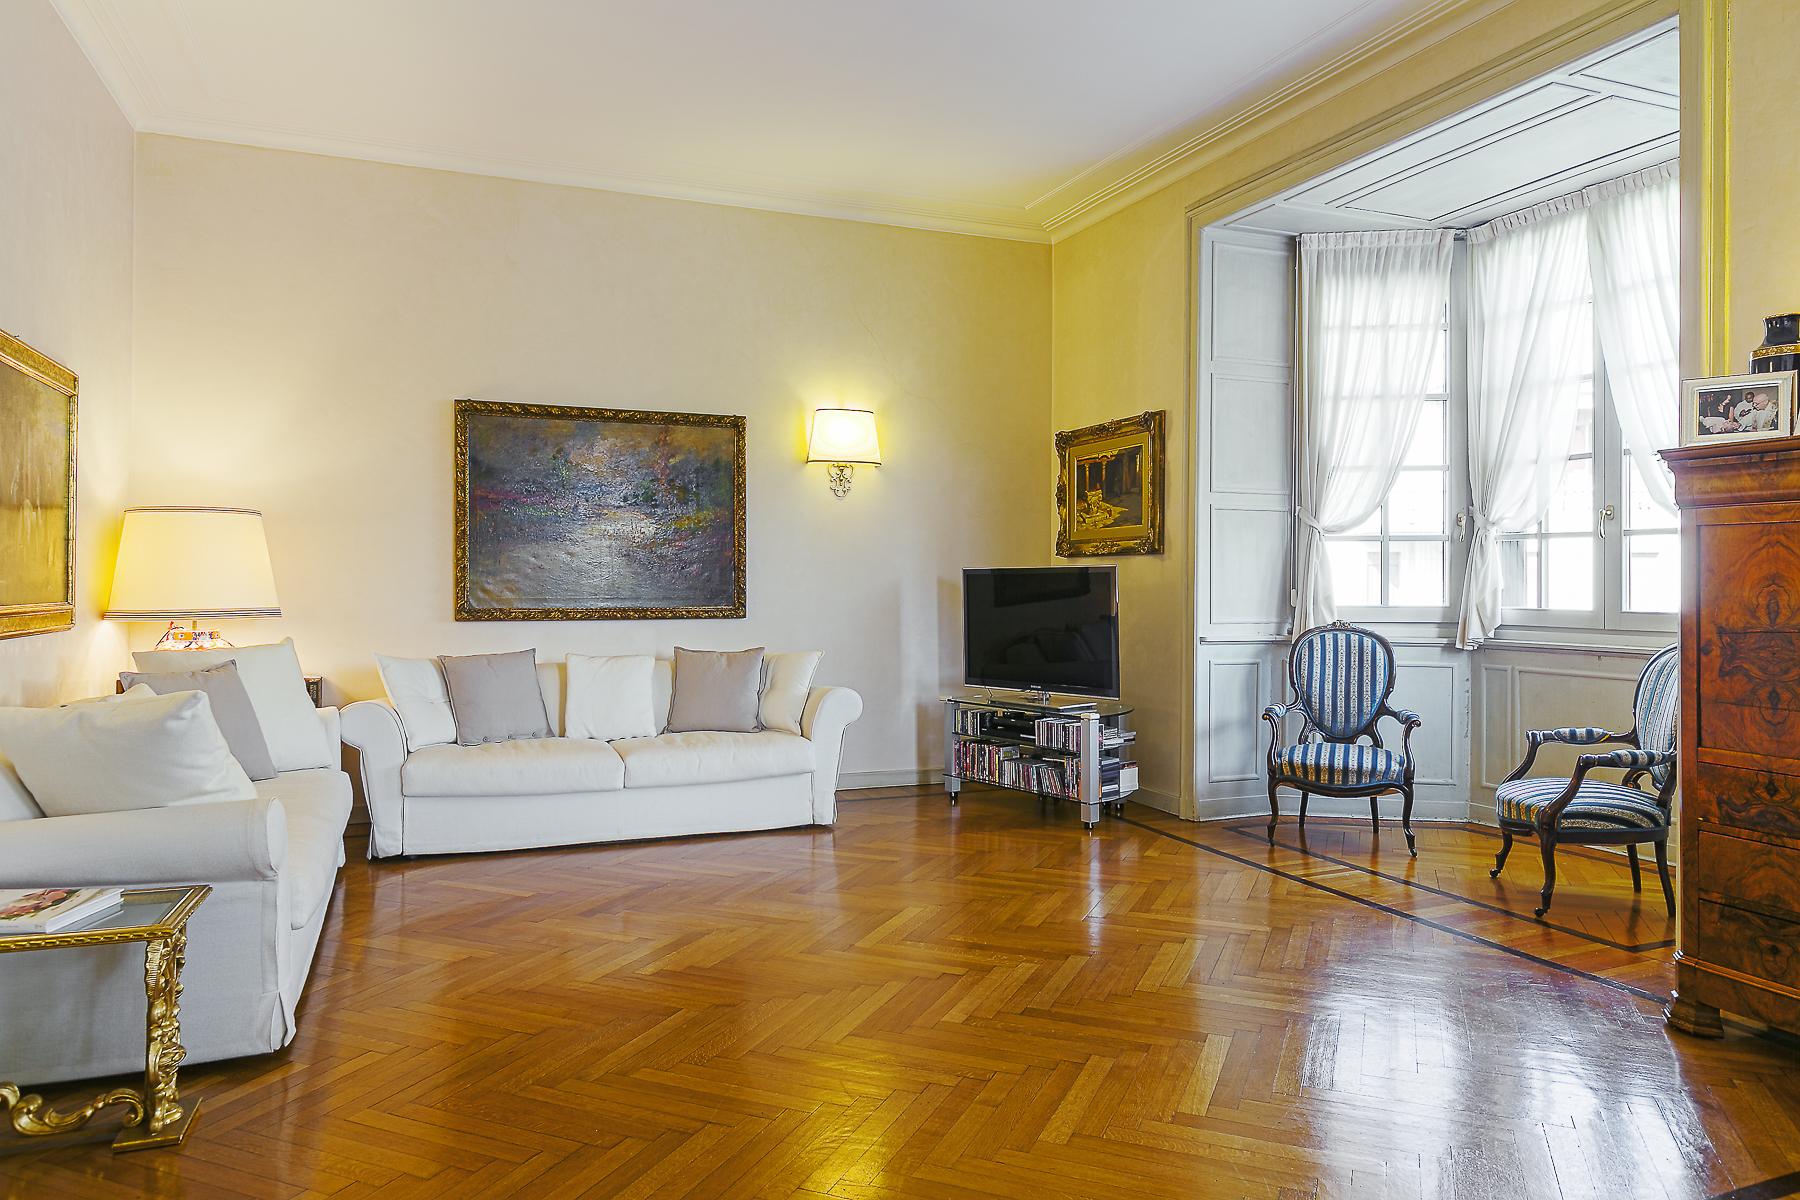 Wohnung für Verkauf beim Splendid apartament in a prestigious building via Cadamosto Milano, Milan 20129 Italien